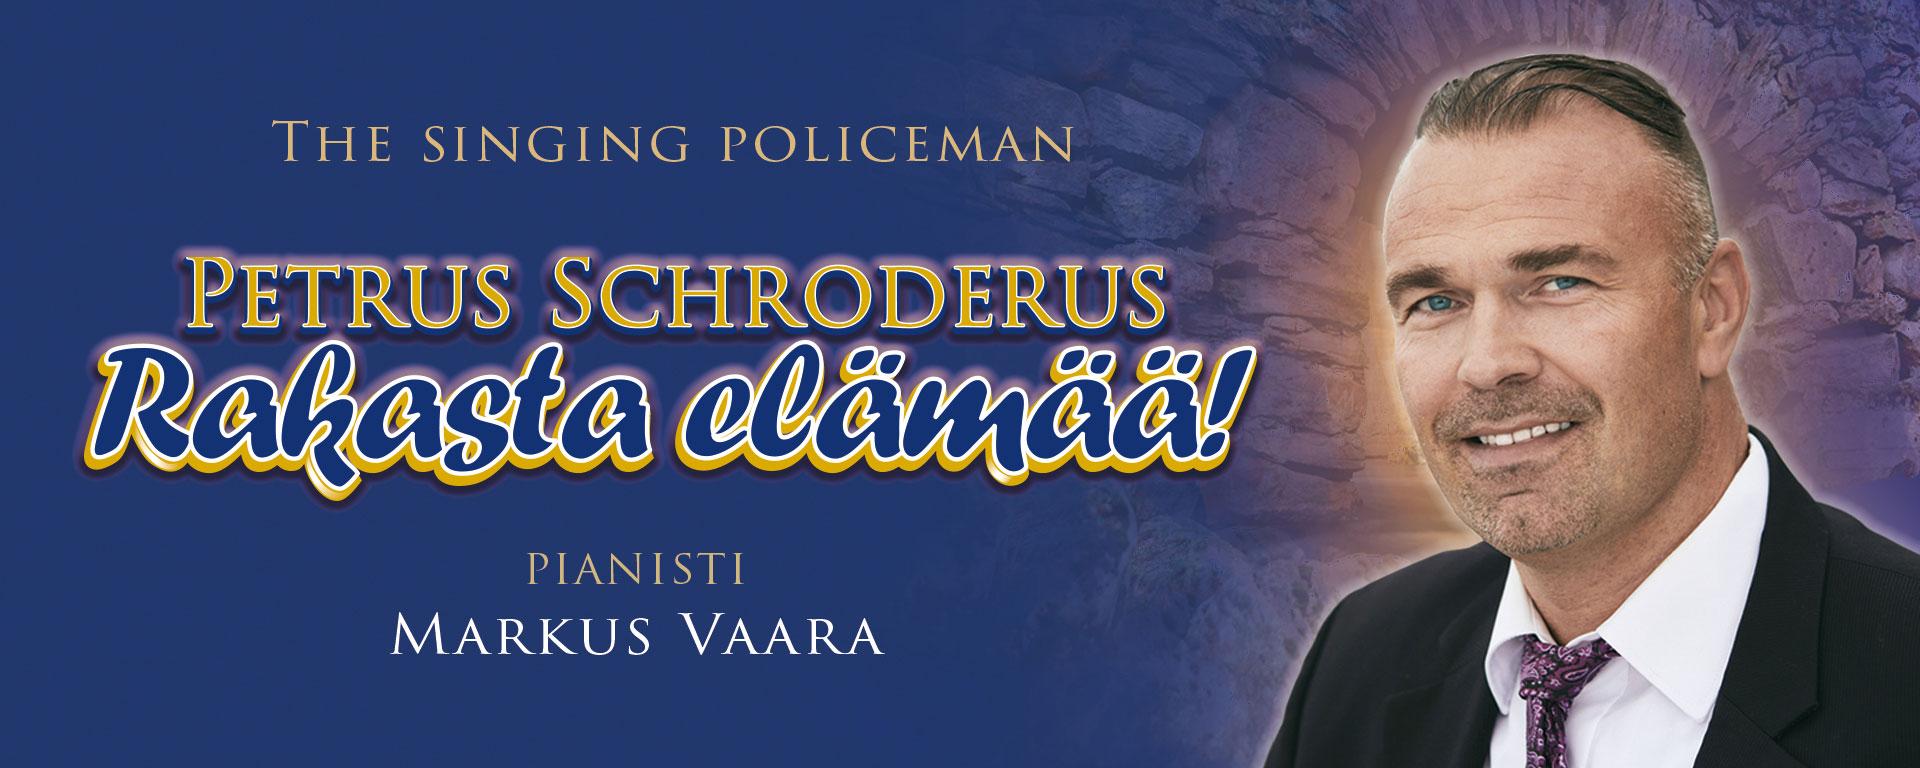 Linkki tapahtumaan Petrus Schroderus: Rakasta elämää!